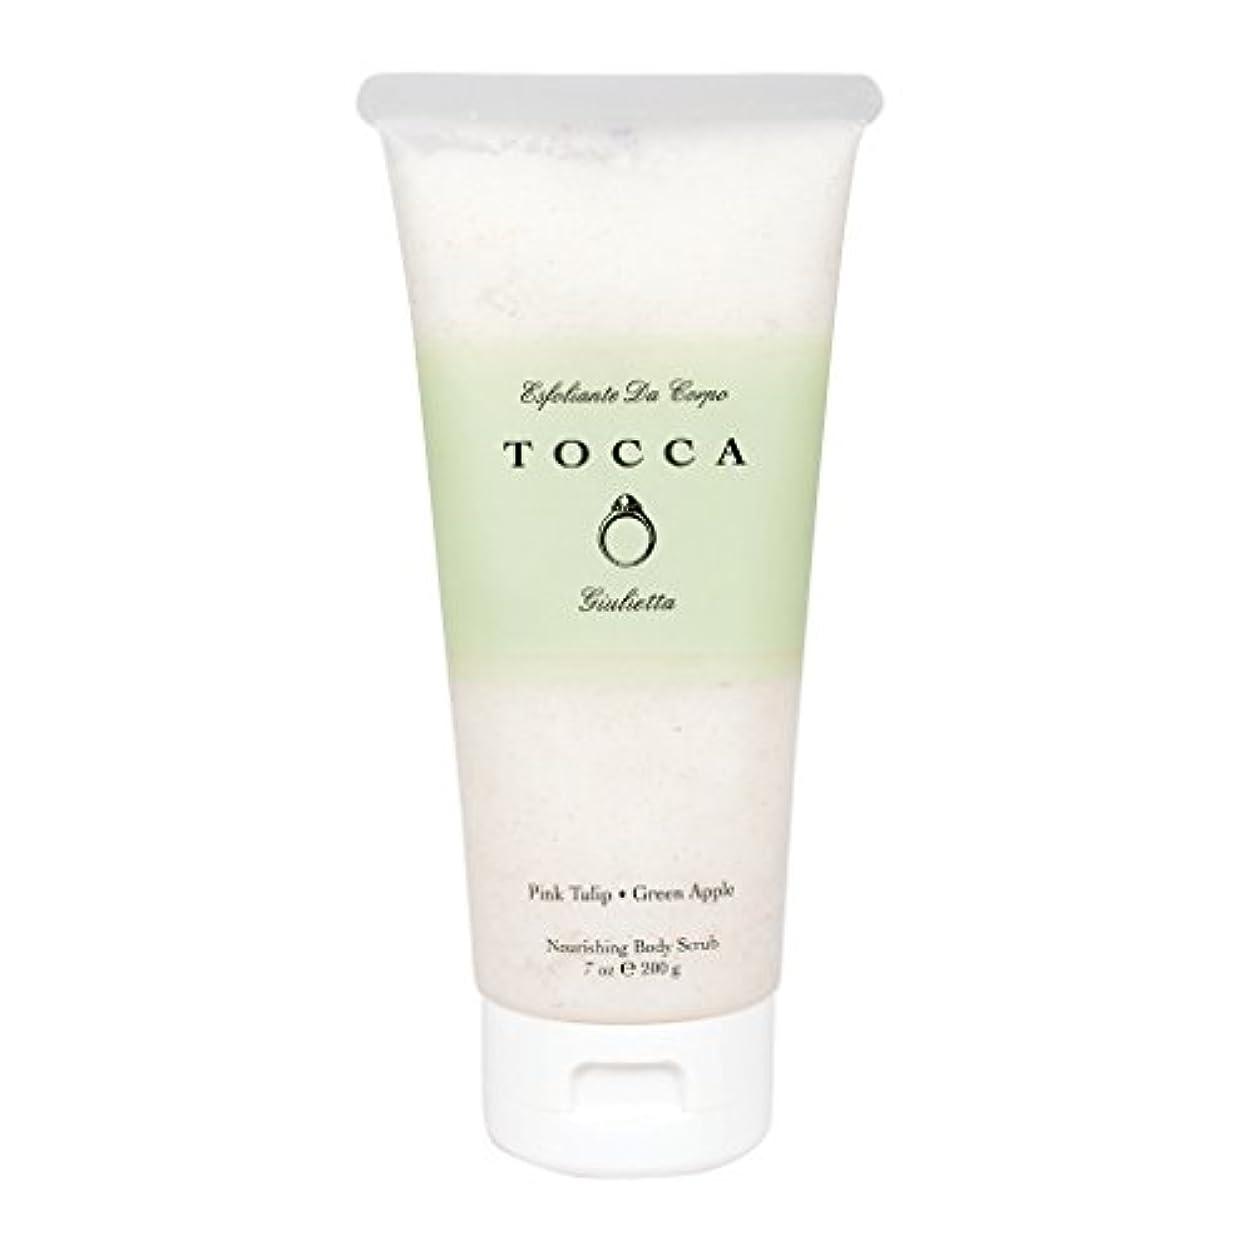 トッカ(TOCCA) ボディーケアスクラブ ジュリエッタの香り 200ml(全身?ボディー用マッサージ料 ピンクチューリップとグリーンアップルの爽やかで甘い香り)